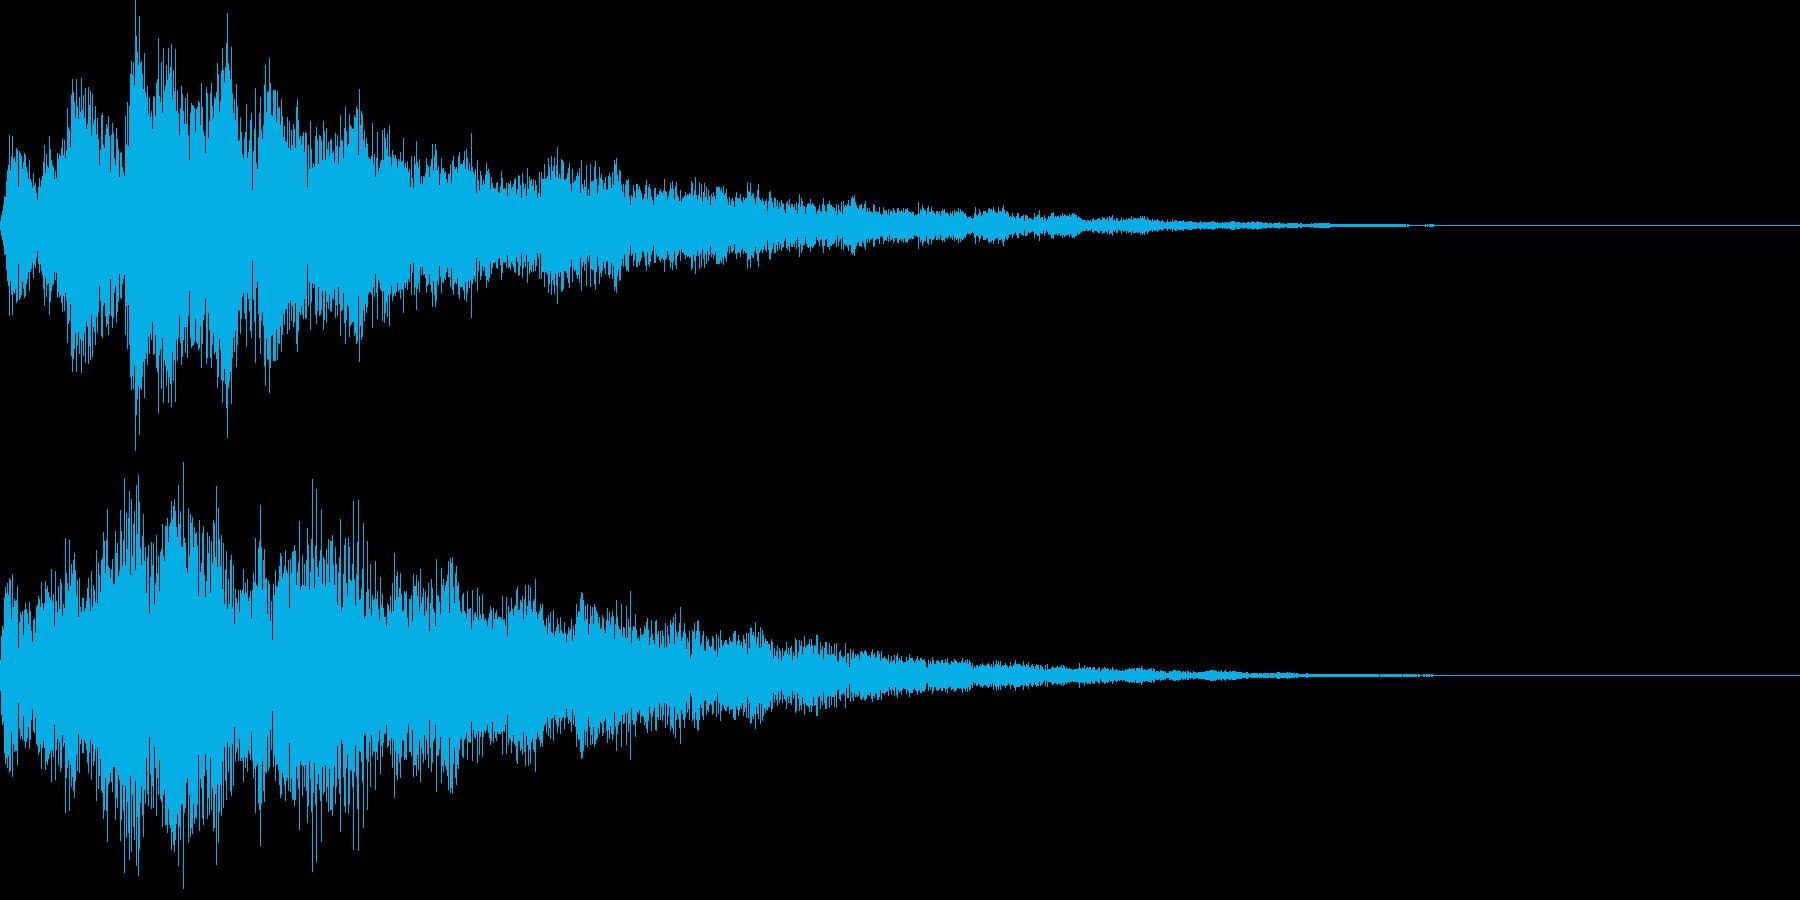 やさしい雰囲気のサウンドロゴの再生済みの波形